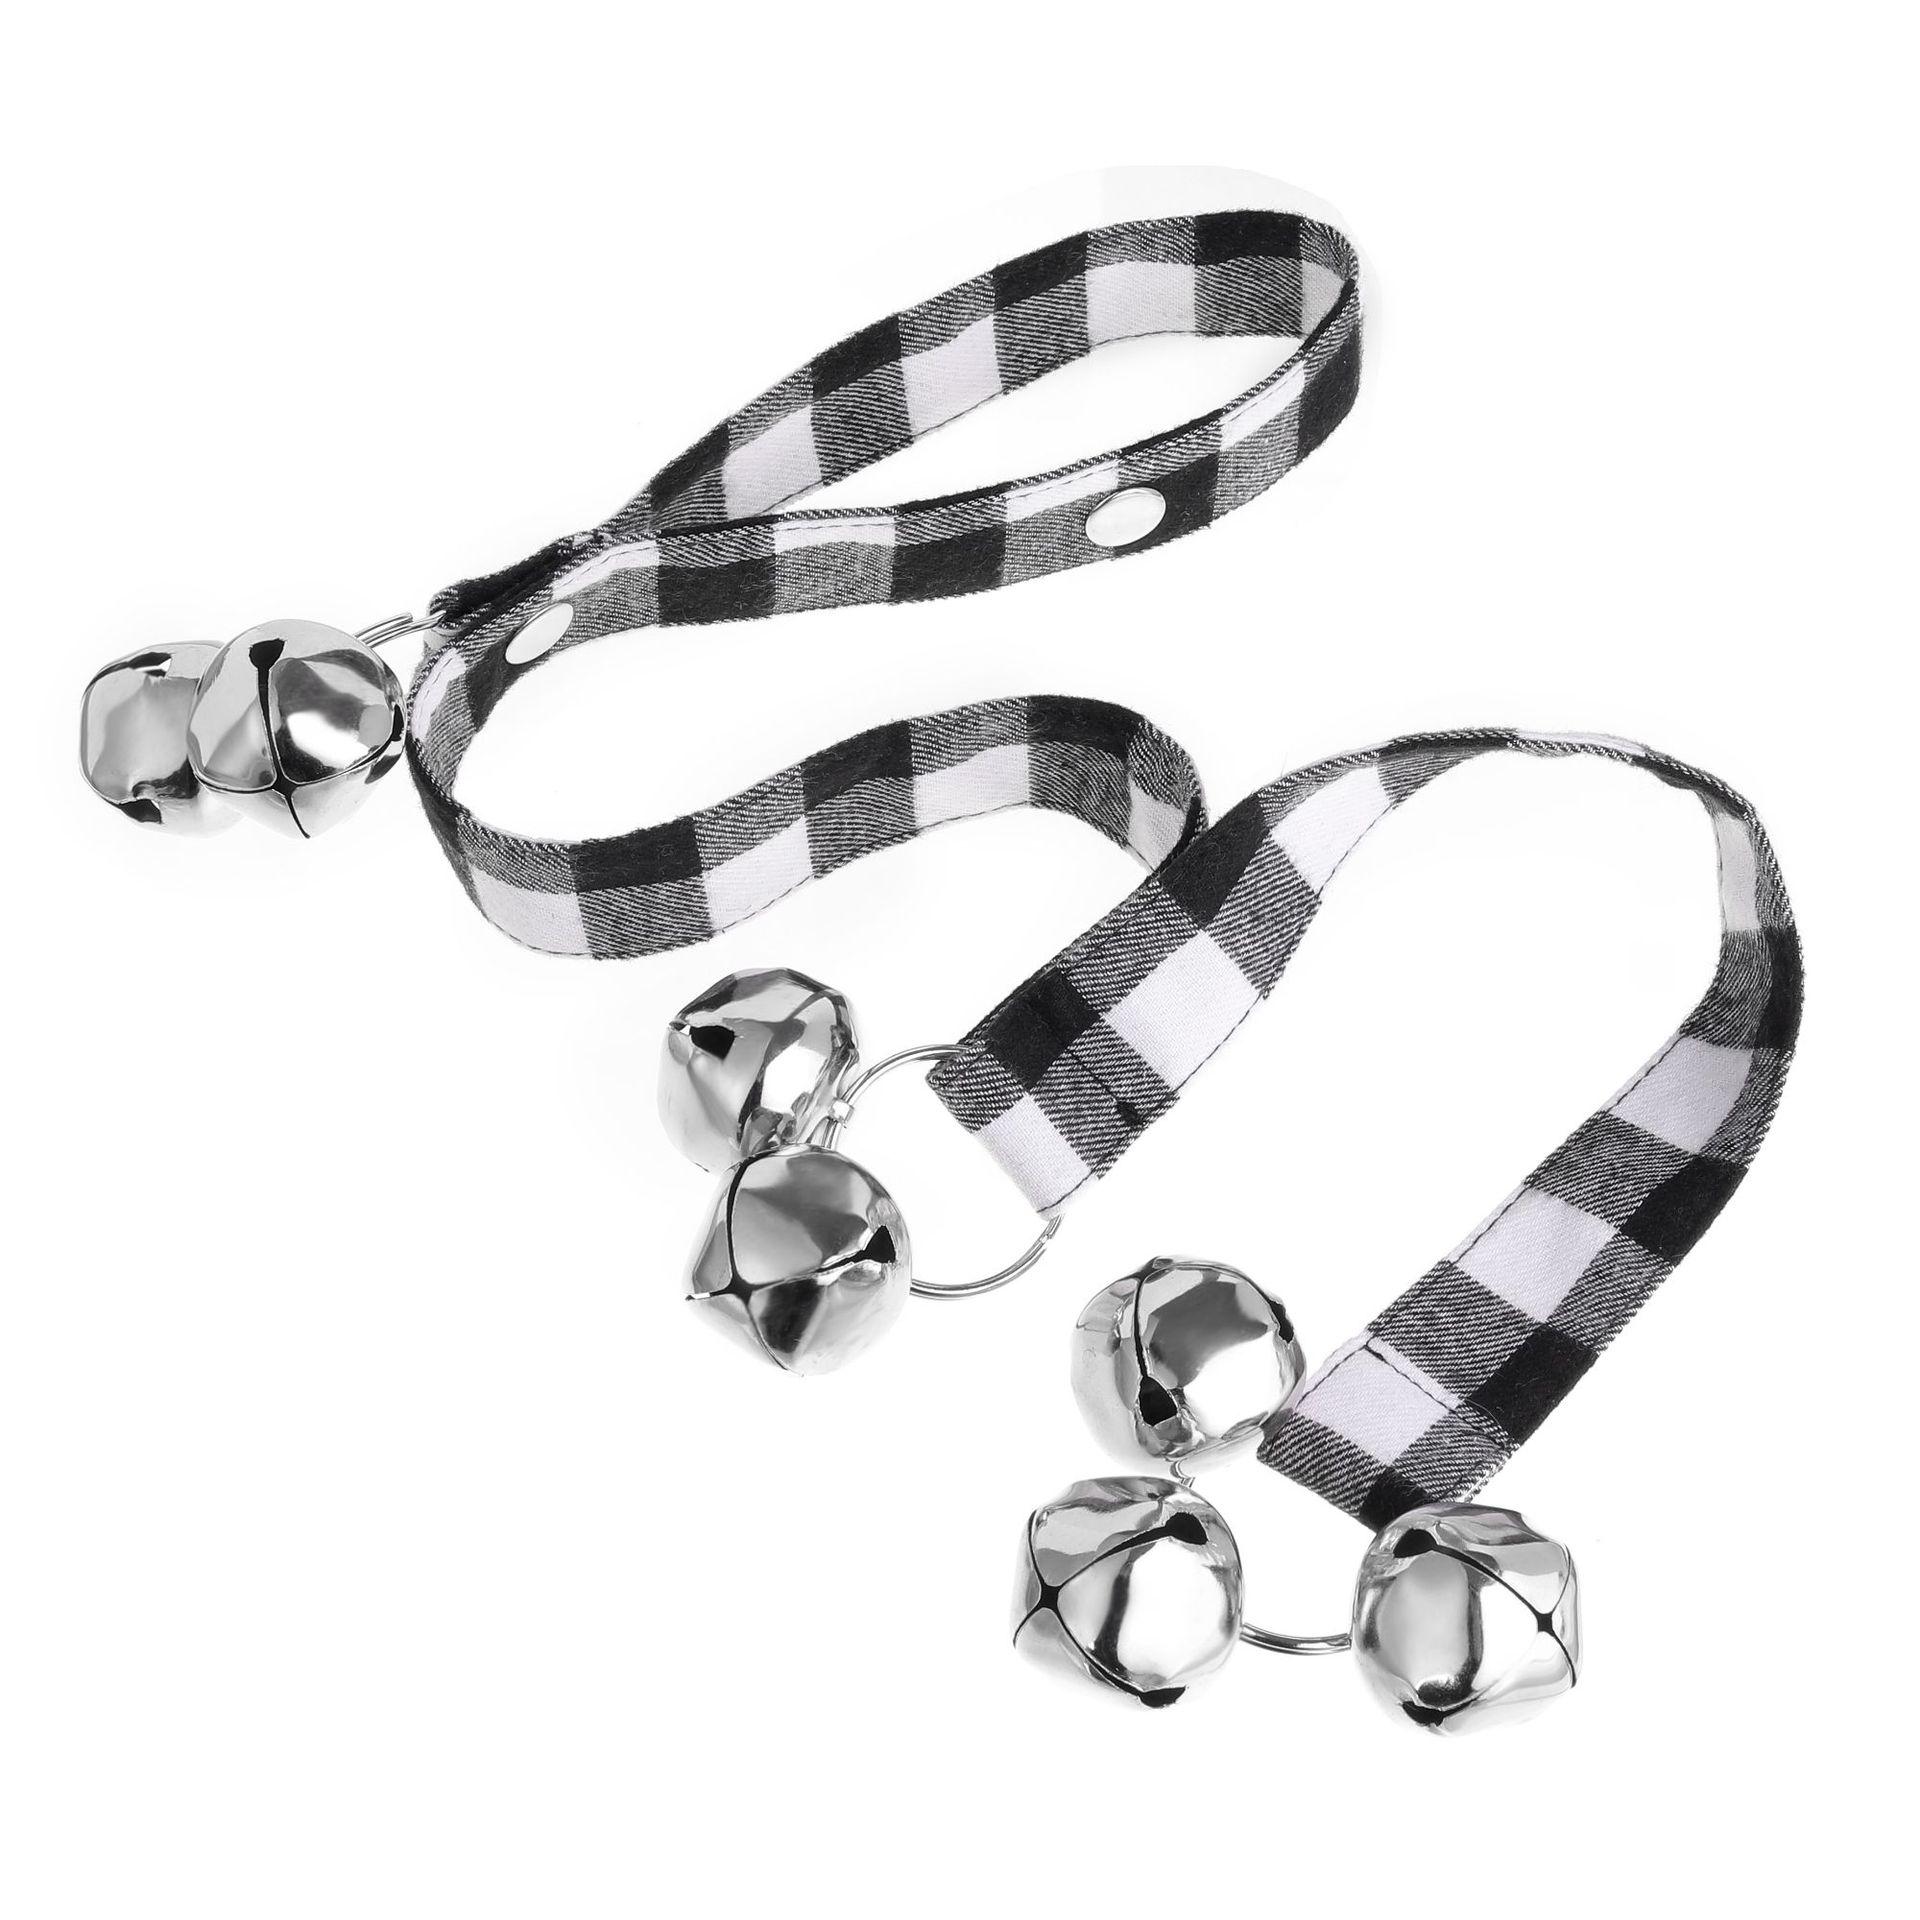 Dog Doorbells With Rope Premium Quality Training Great Dog Bells Adjustable Door Bell Pet Dog Training Supplies-4